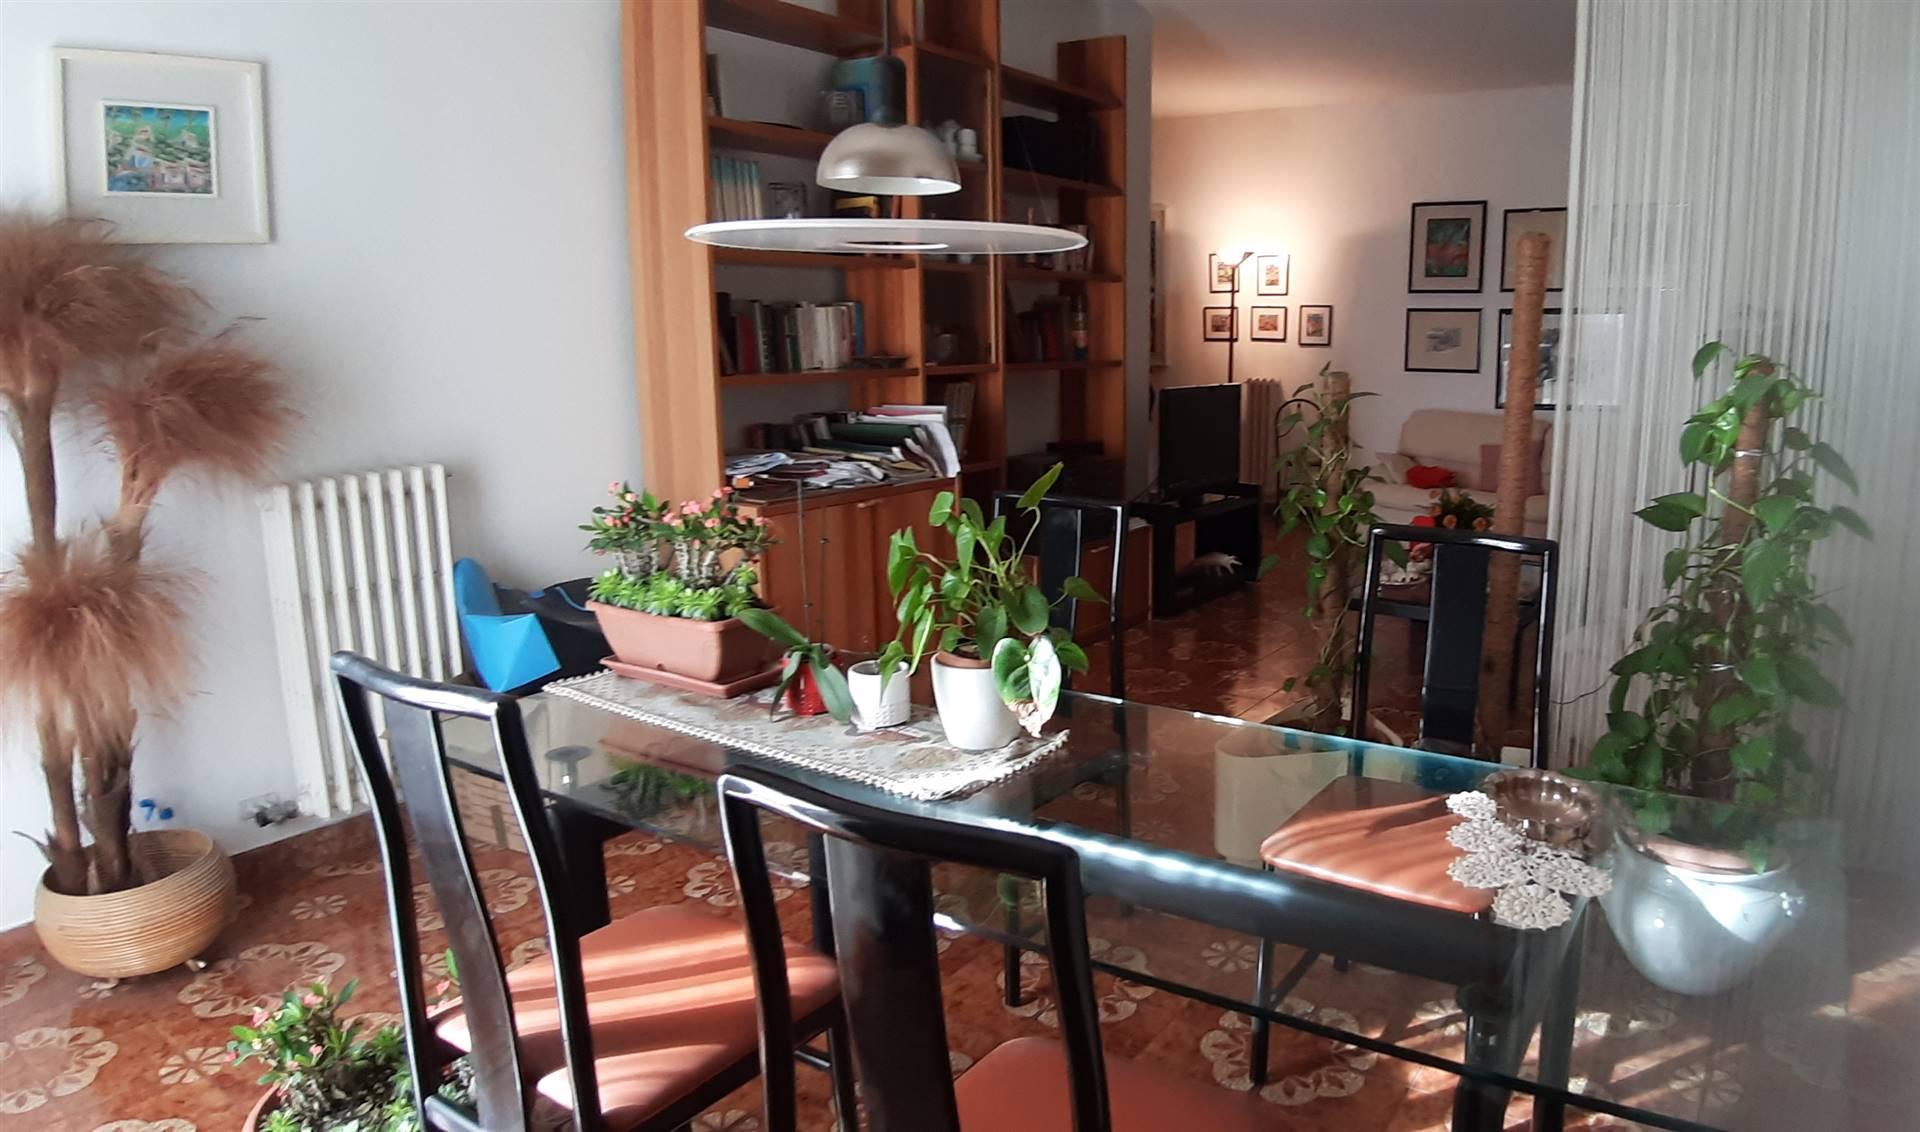 Appartamento in vendita a Chianciano Terme, 6 locali, zona Località: CHIANCIANO TERME, prezzo € 135.000   PortaleAgenzieImmobiliari.it